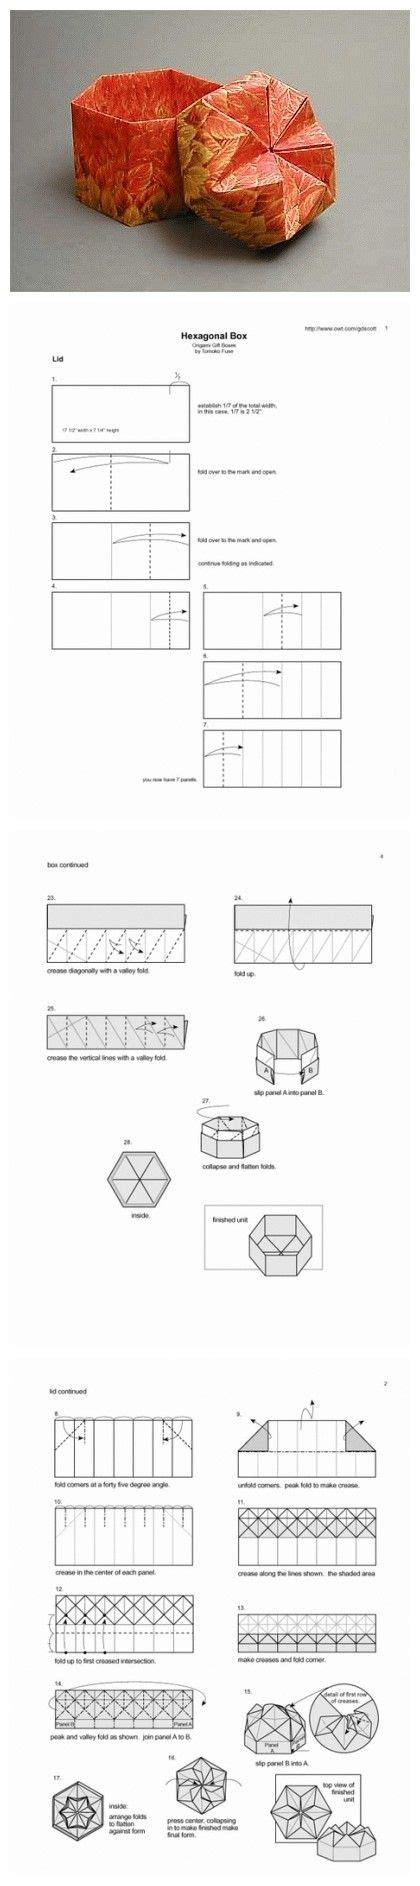 Hexagonal Box Origami - origami hexagonal box folding origami